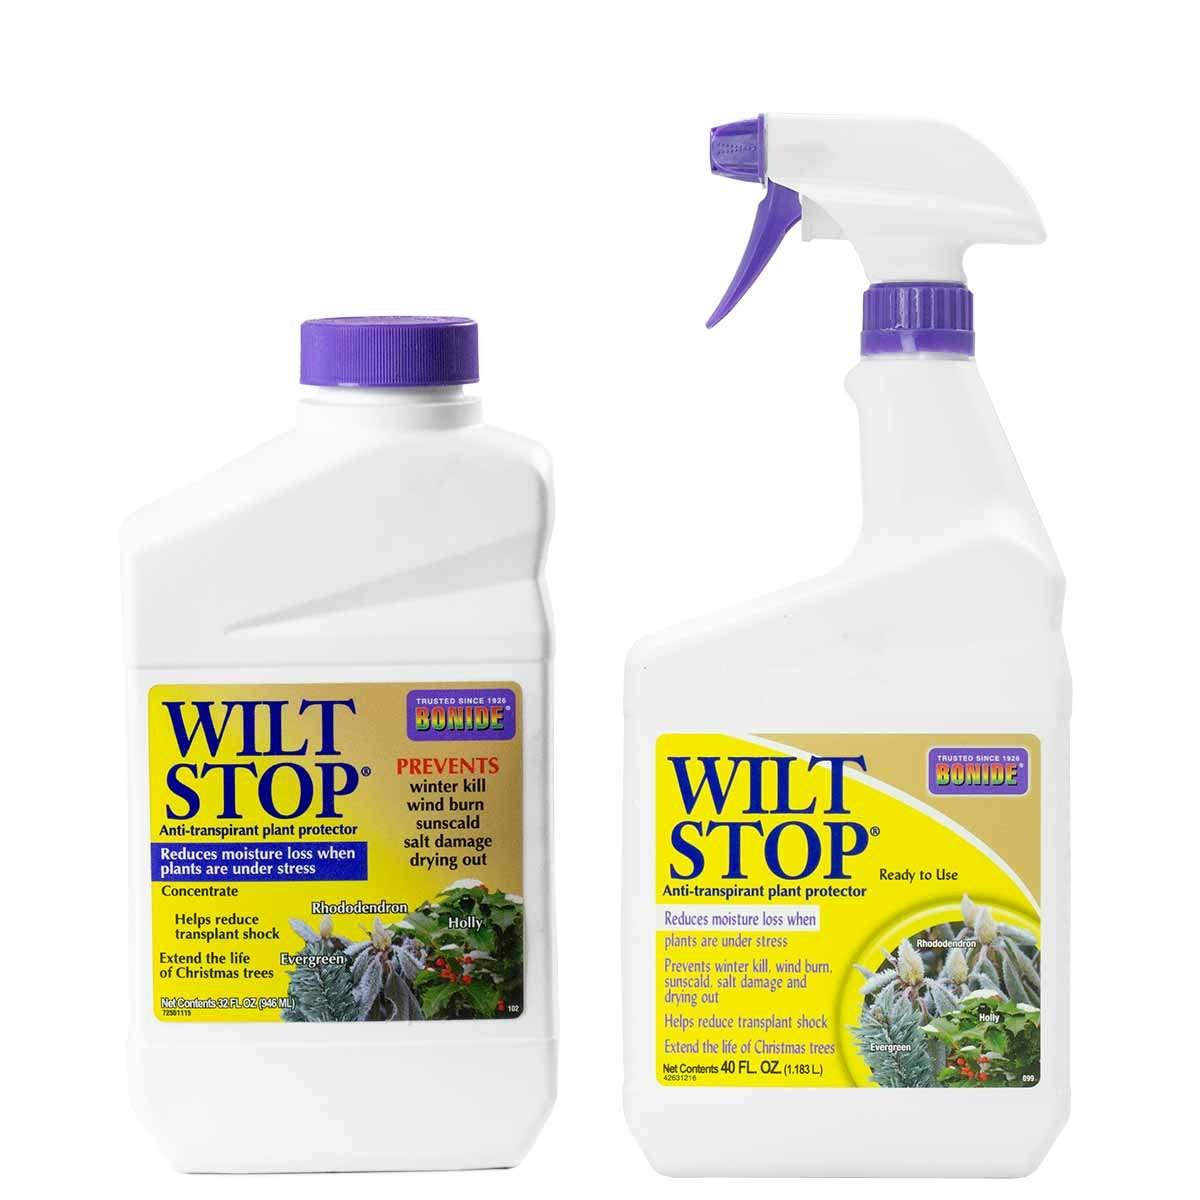 Bottles of Wilt Stop